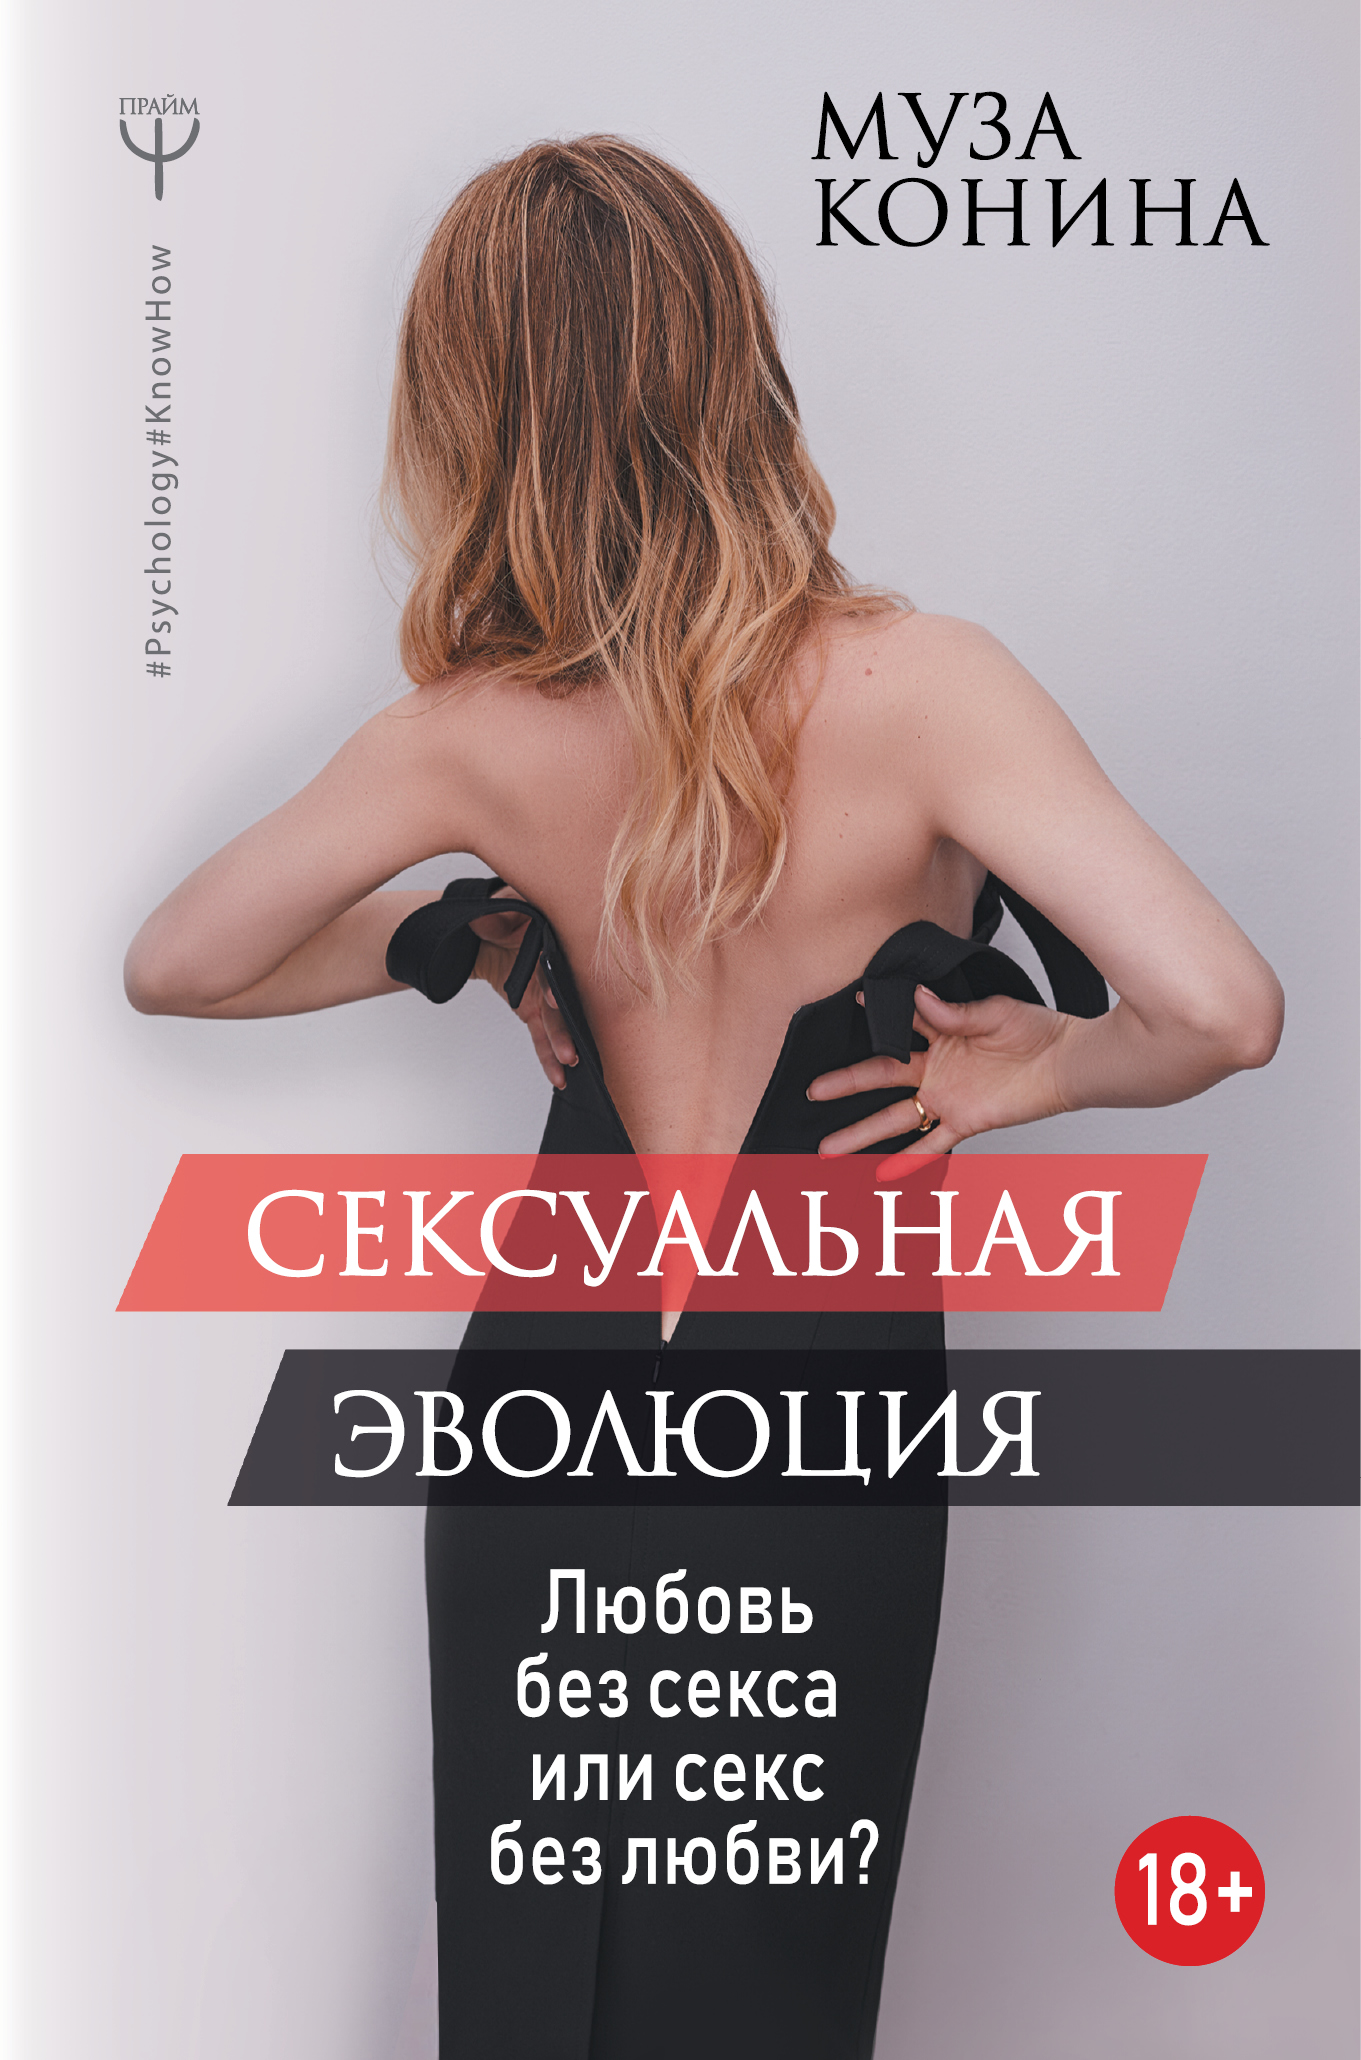 Купить книгу Сексуальная эволюция. Любовь без секса или секс без любви?, автора Музы Конина